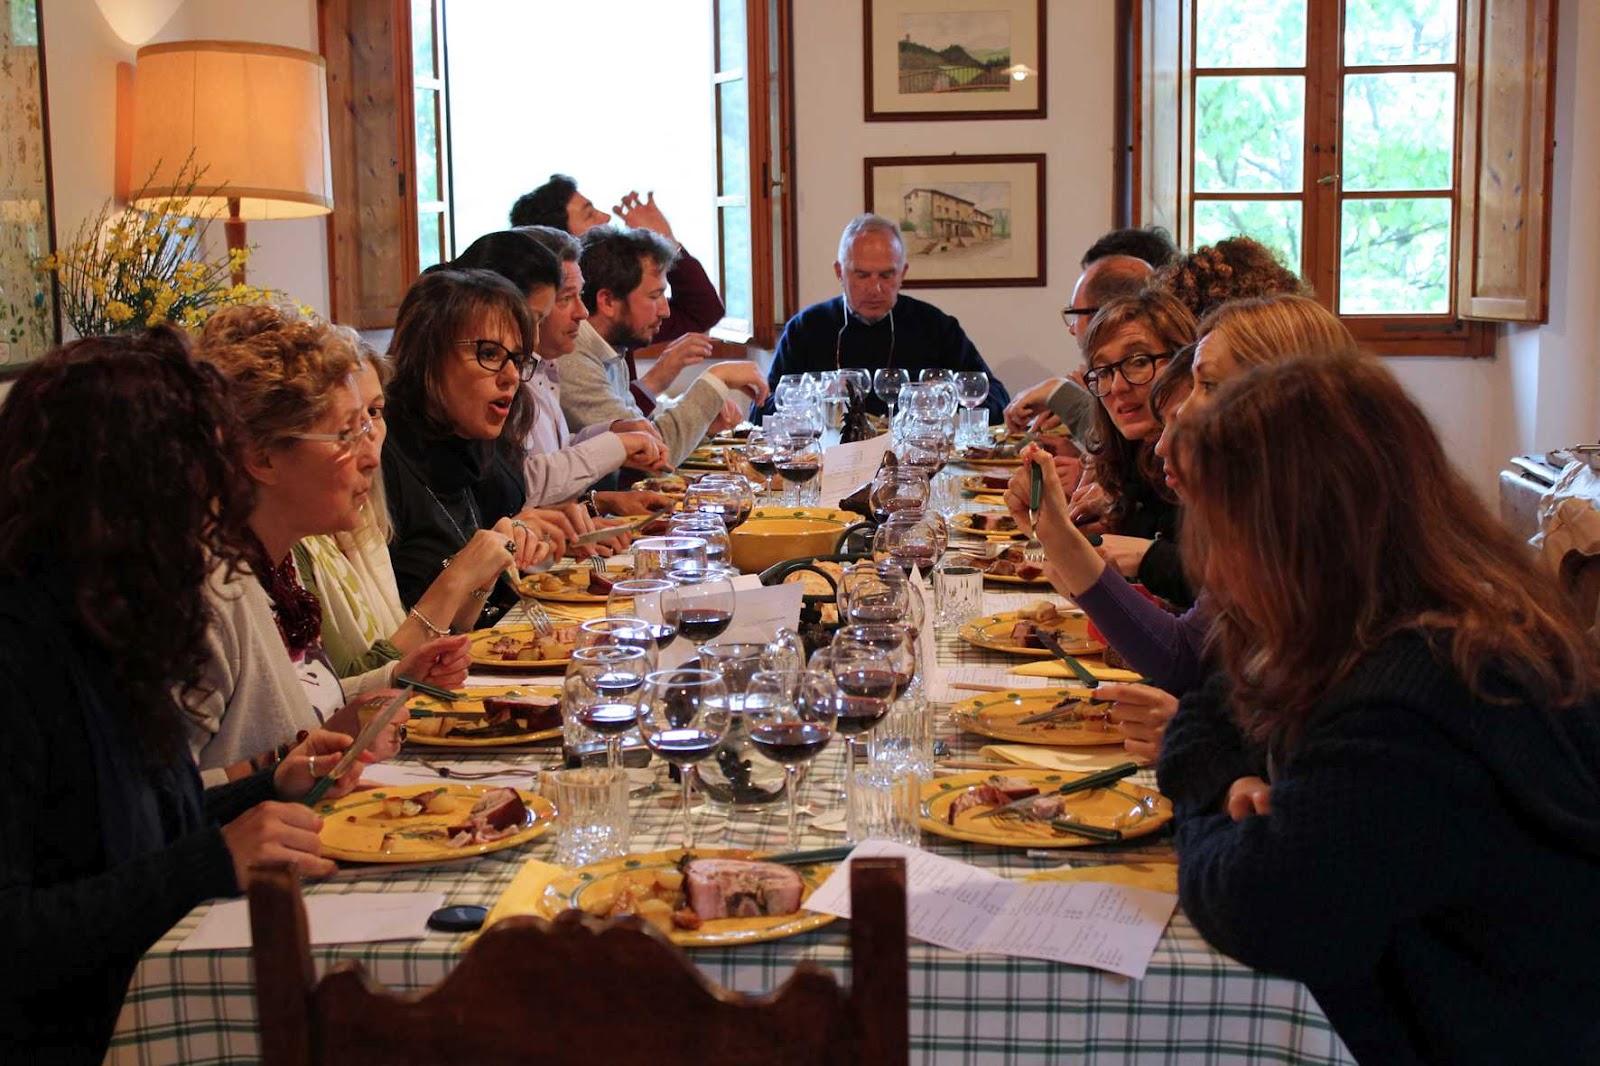 Le baccanti corporate team building tra amici divertimento a squadre - A tavola con amici ...